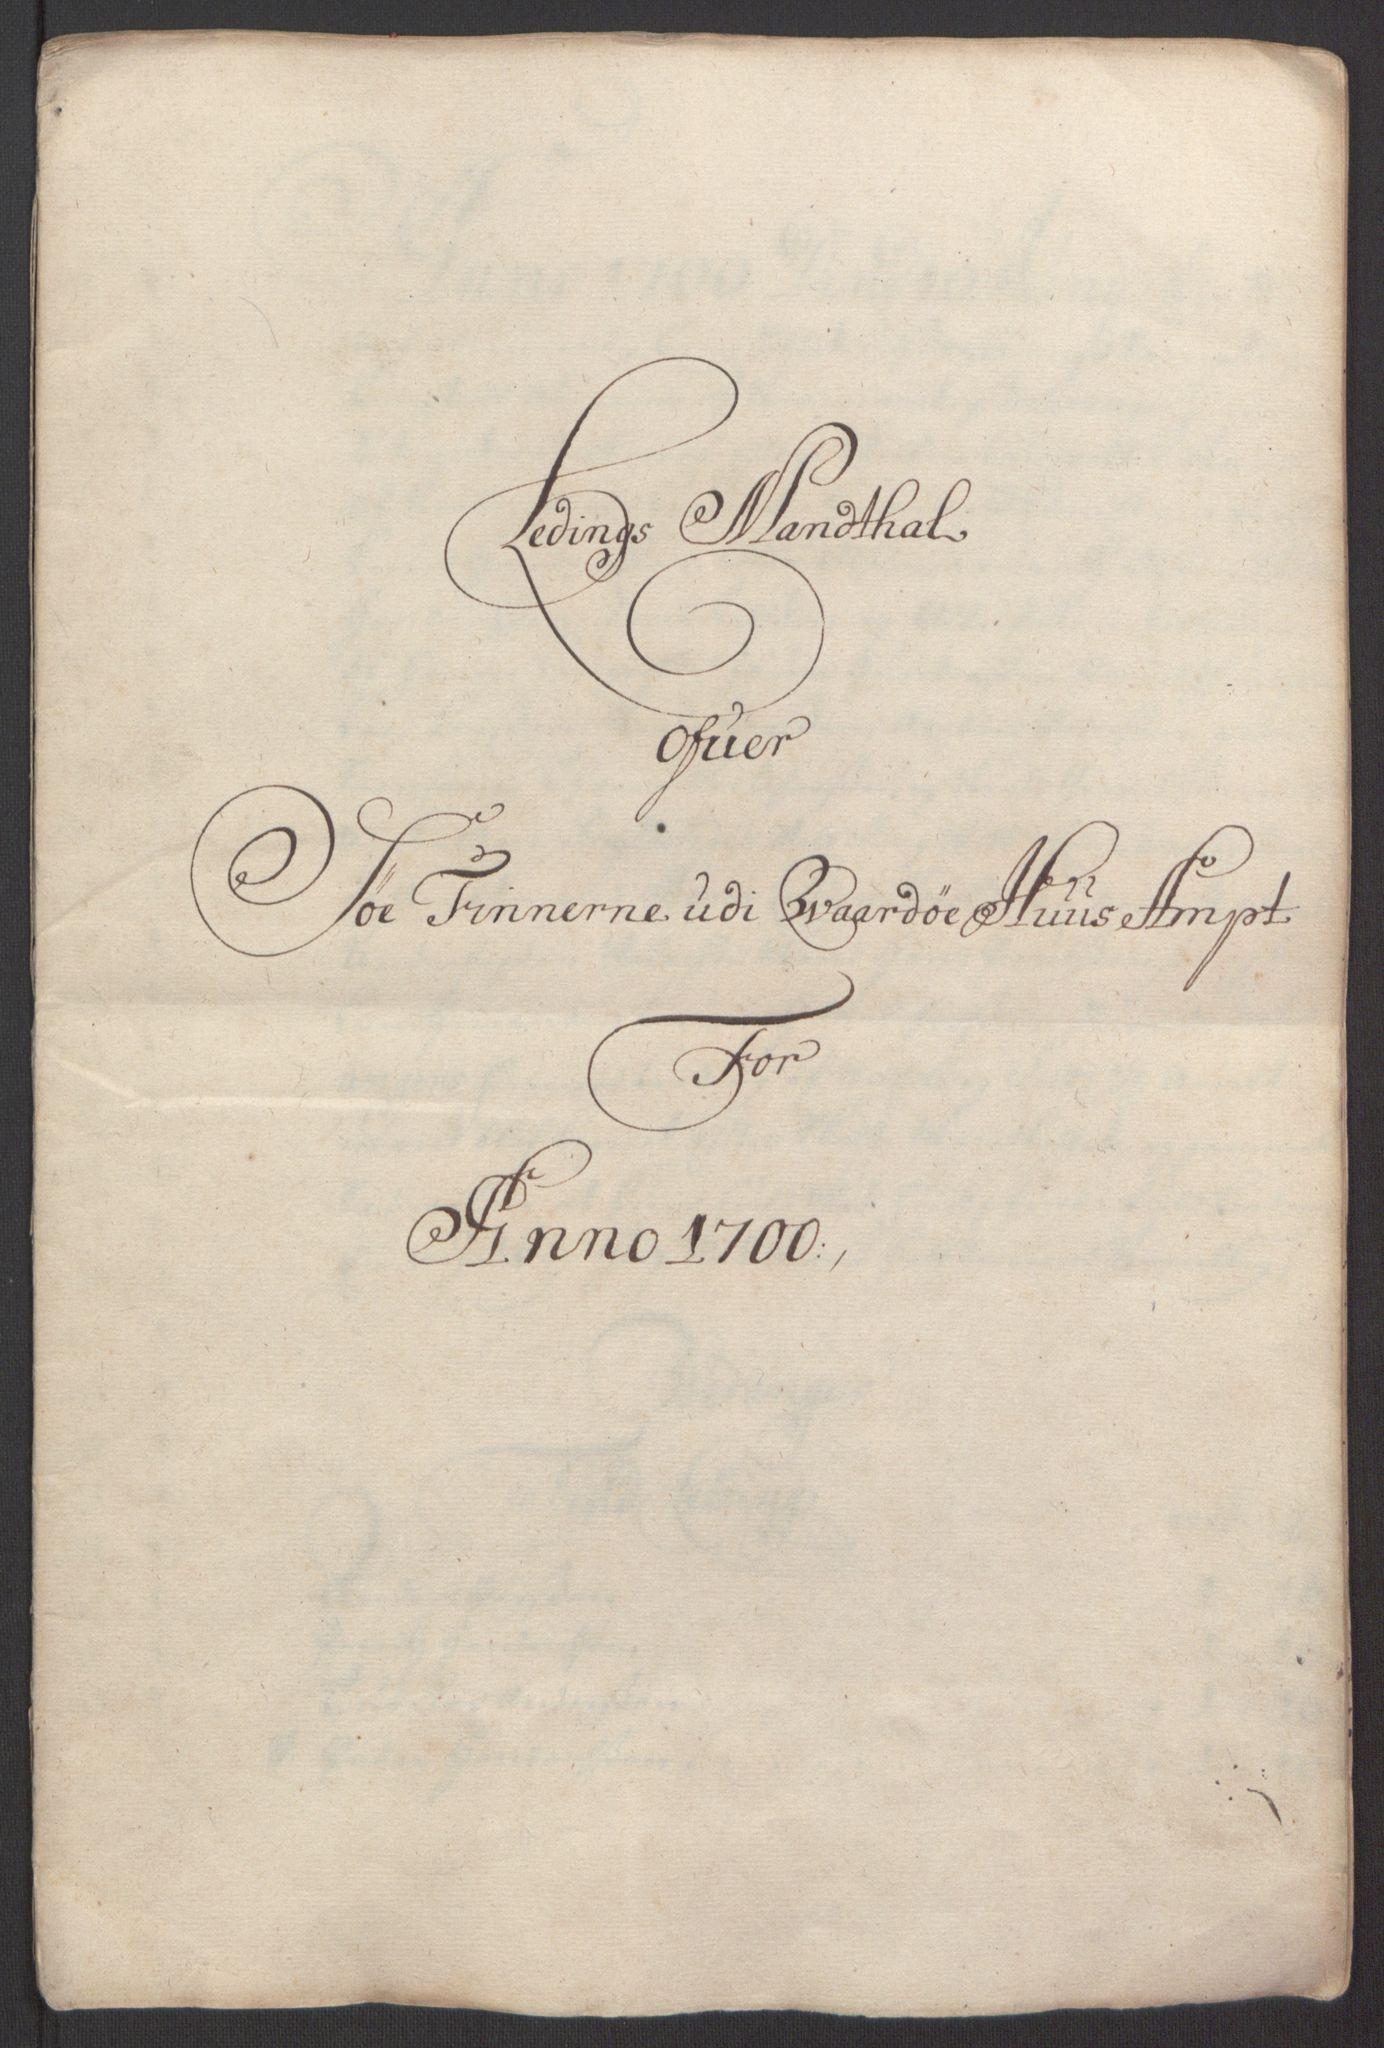 RA, Rentekammeret inntil 1814, Reviderte regnskaper, Fogderegnskap, R69/L4851: Fogderegnskap Finnmark/Vardøhus, 1691-1700, s. 438